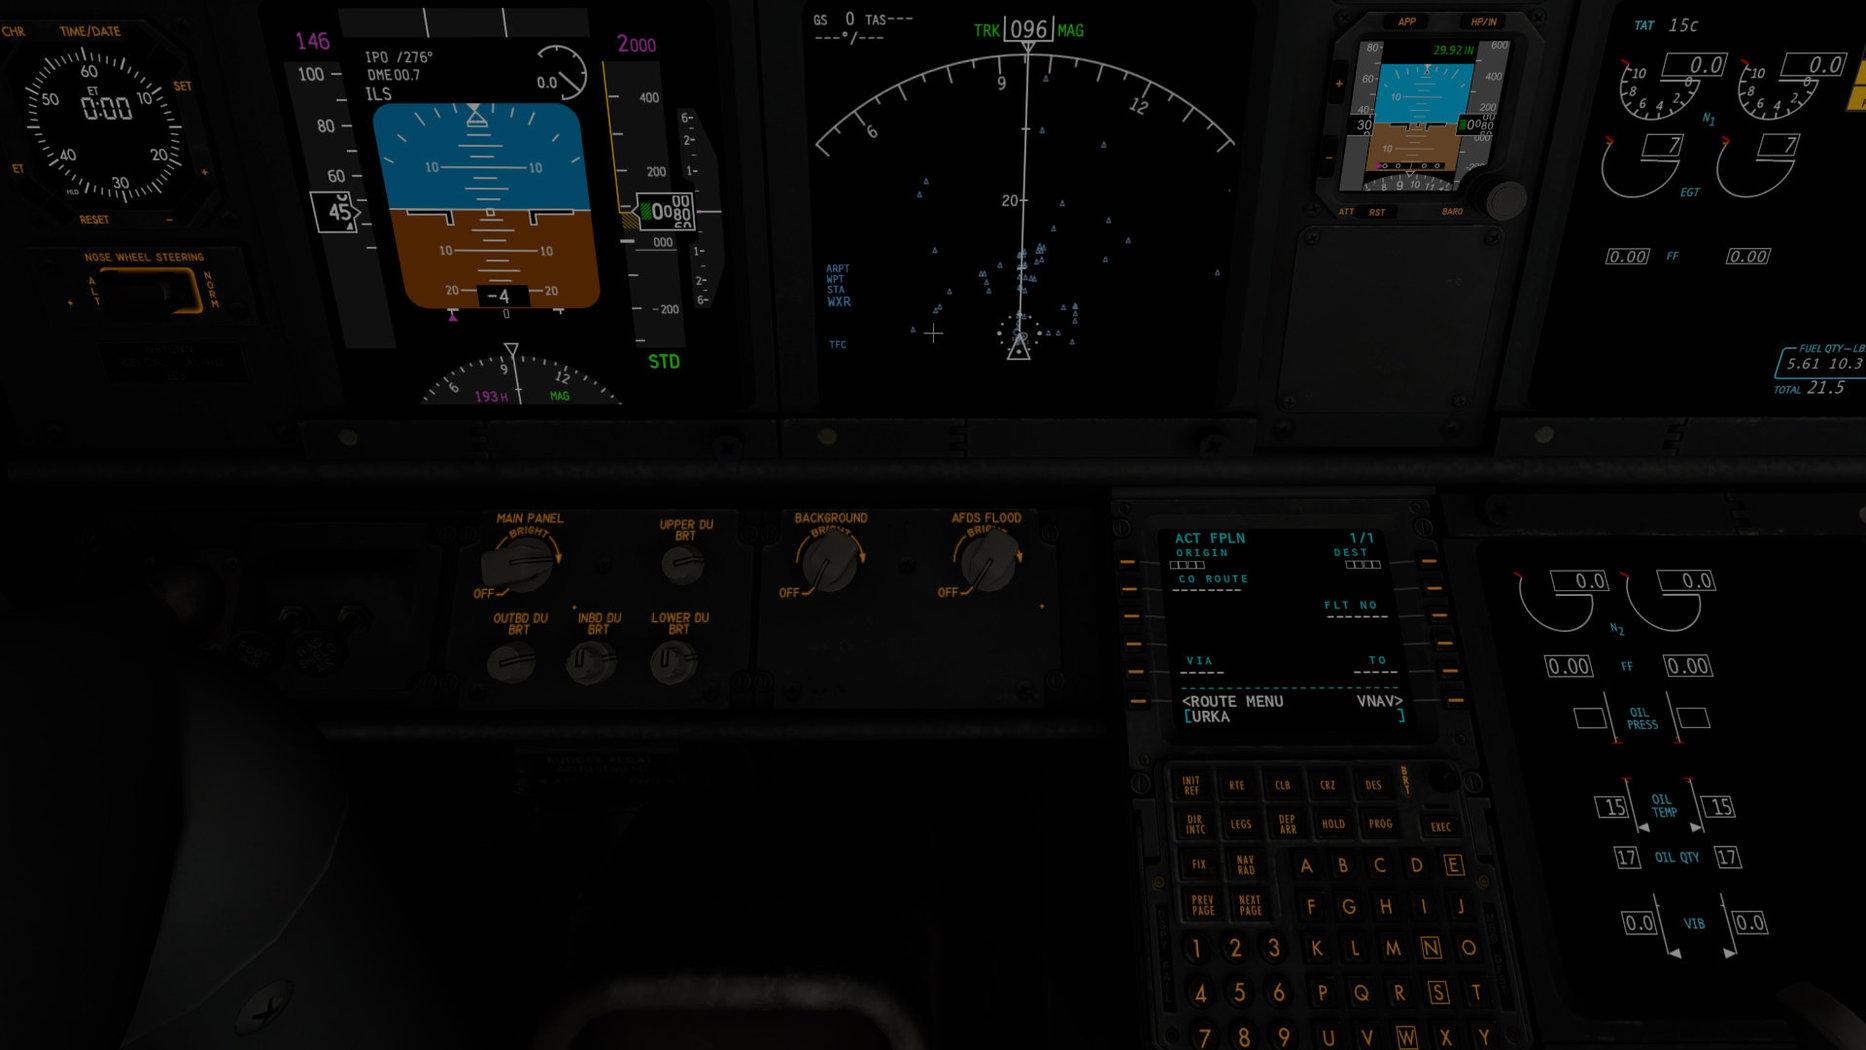 X-Plane 2018-11-04 18-03-45-476.jpg